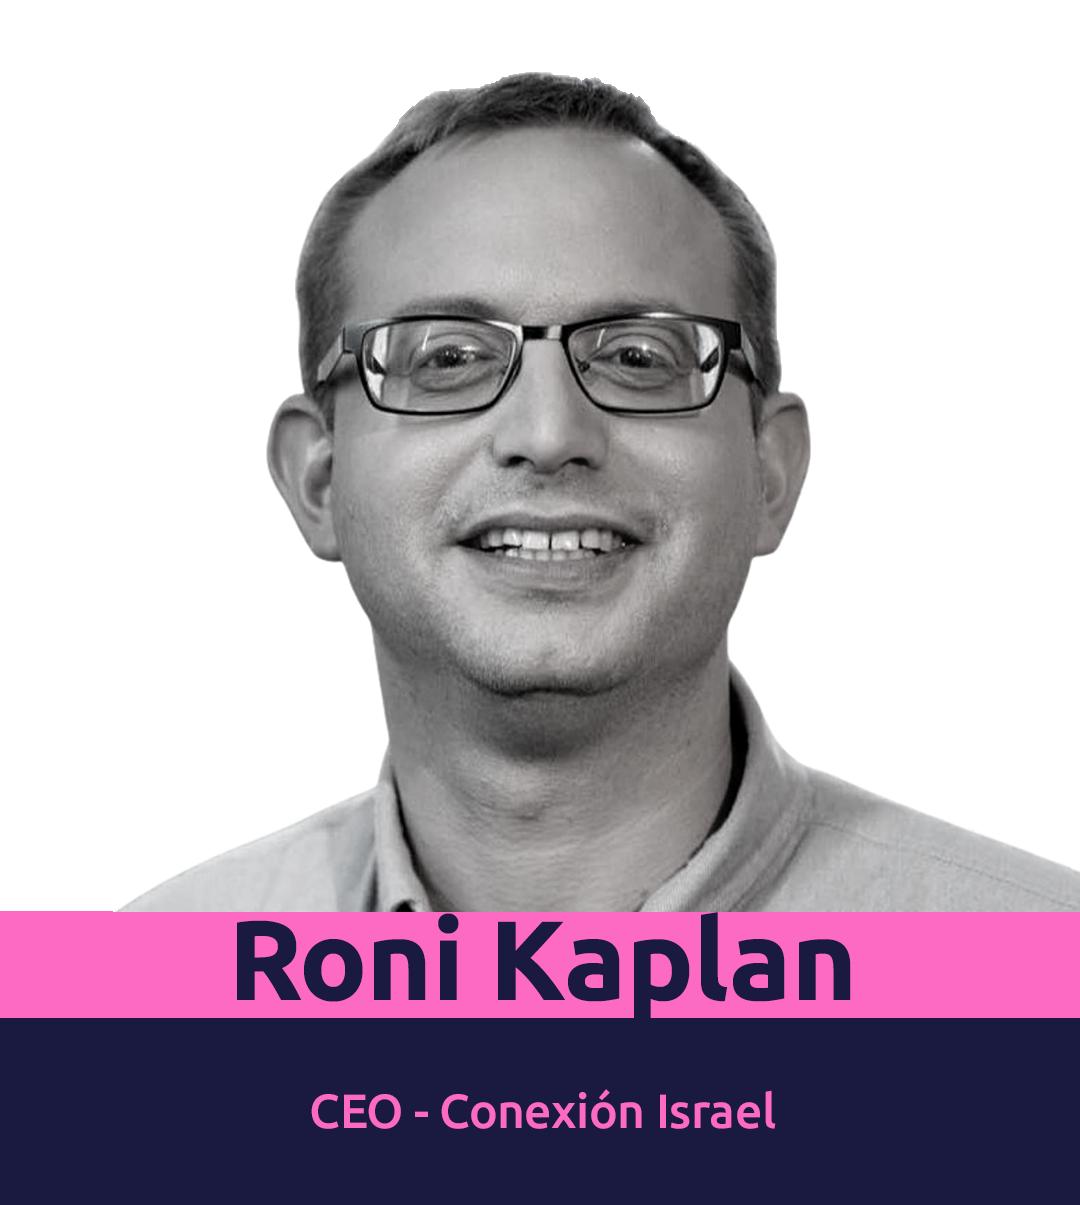 Roni Kaplan